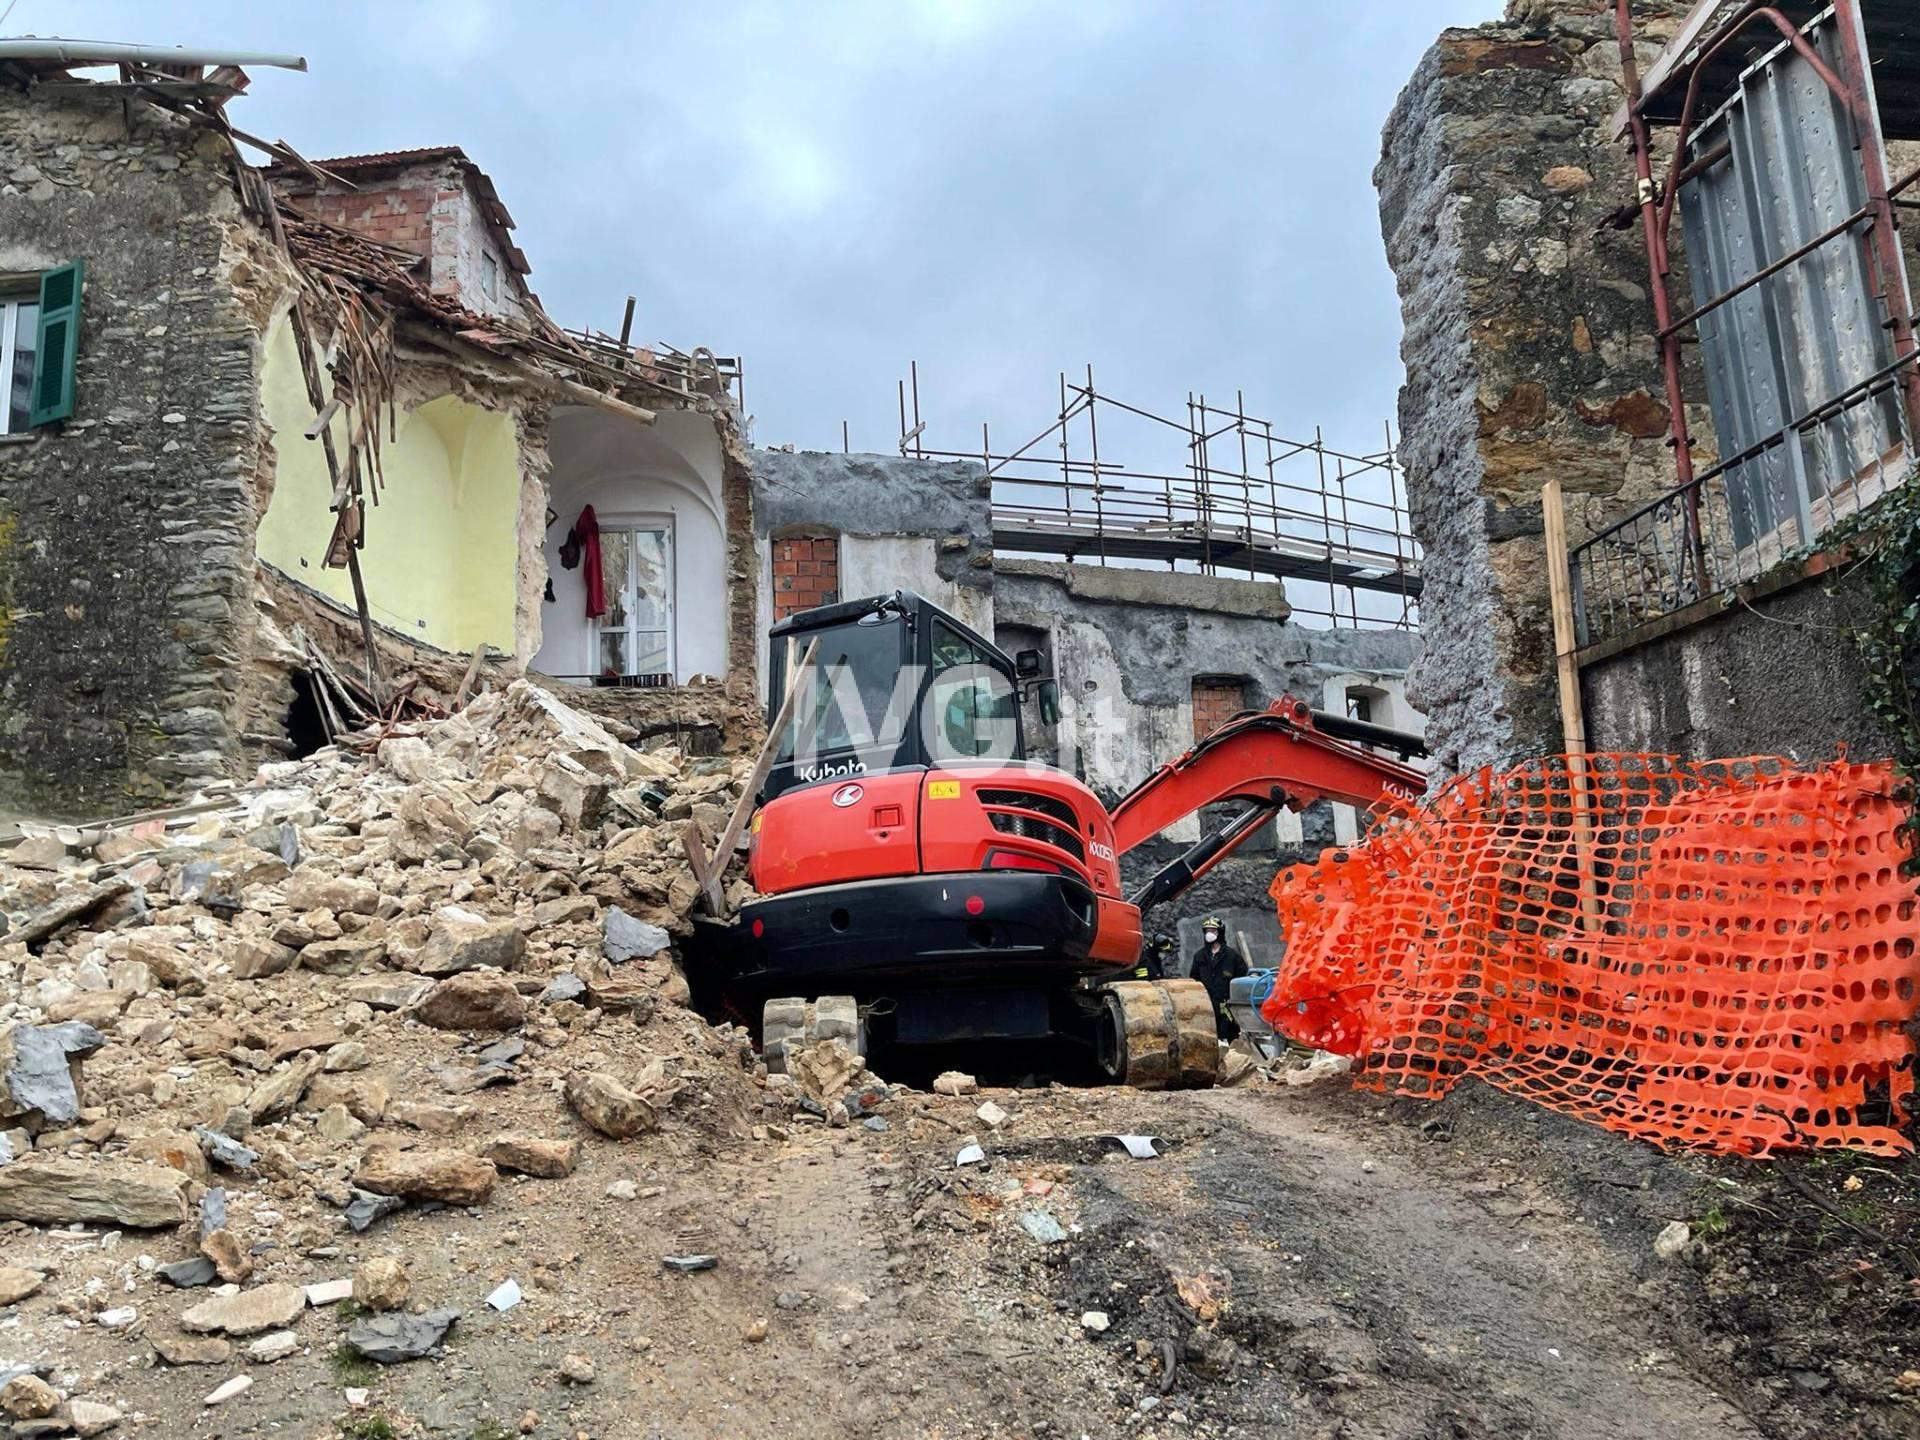 Incidente in un cantiere edile a Tovo